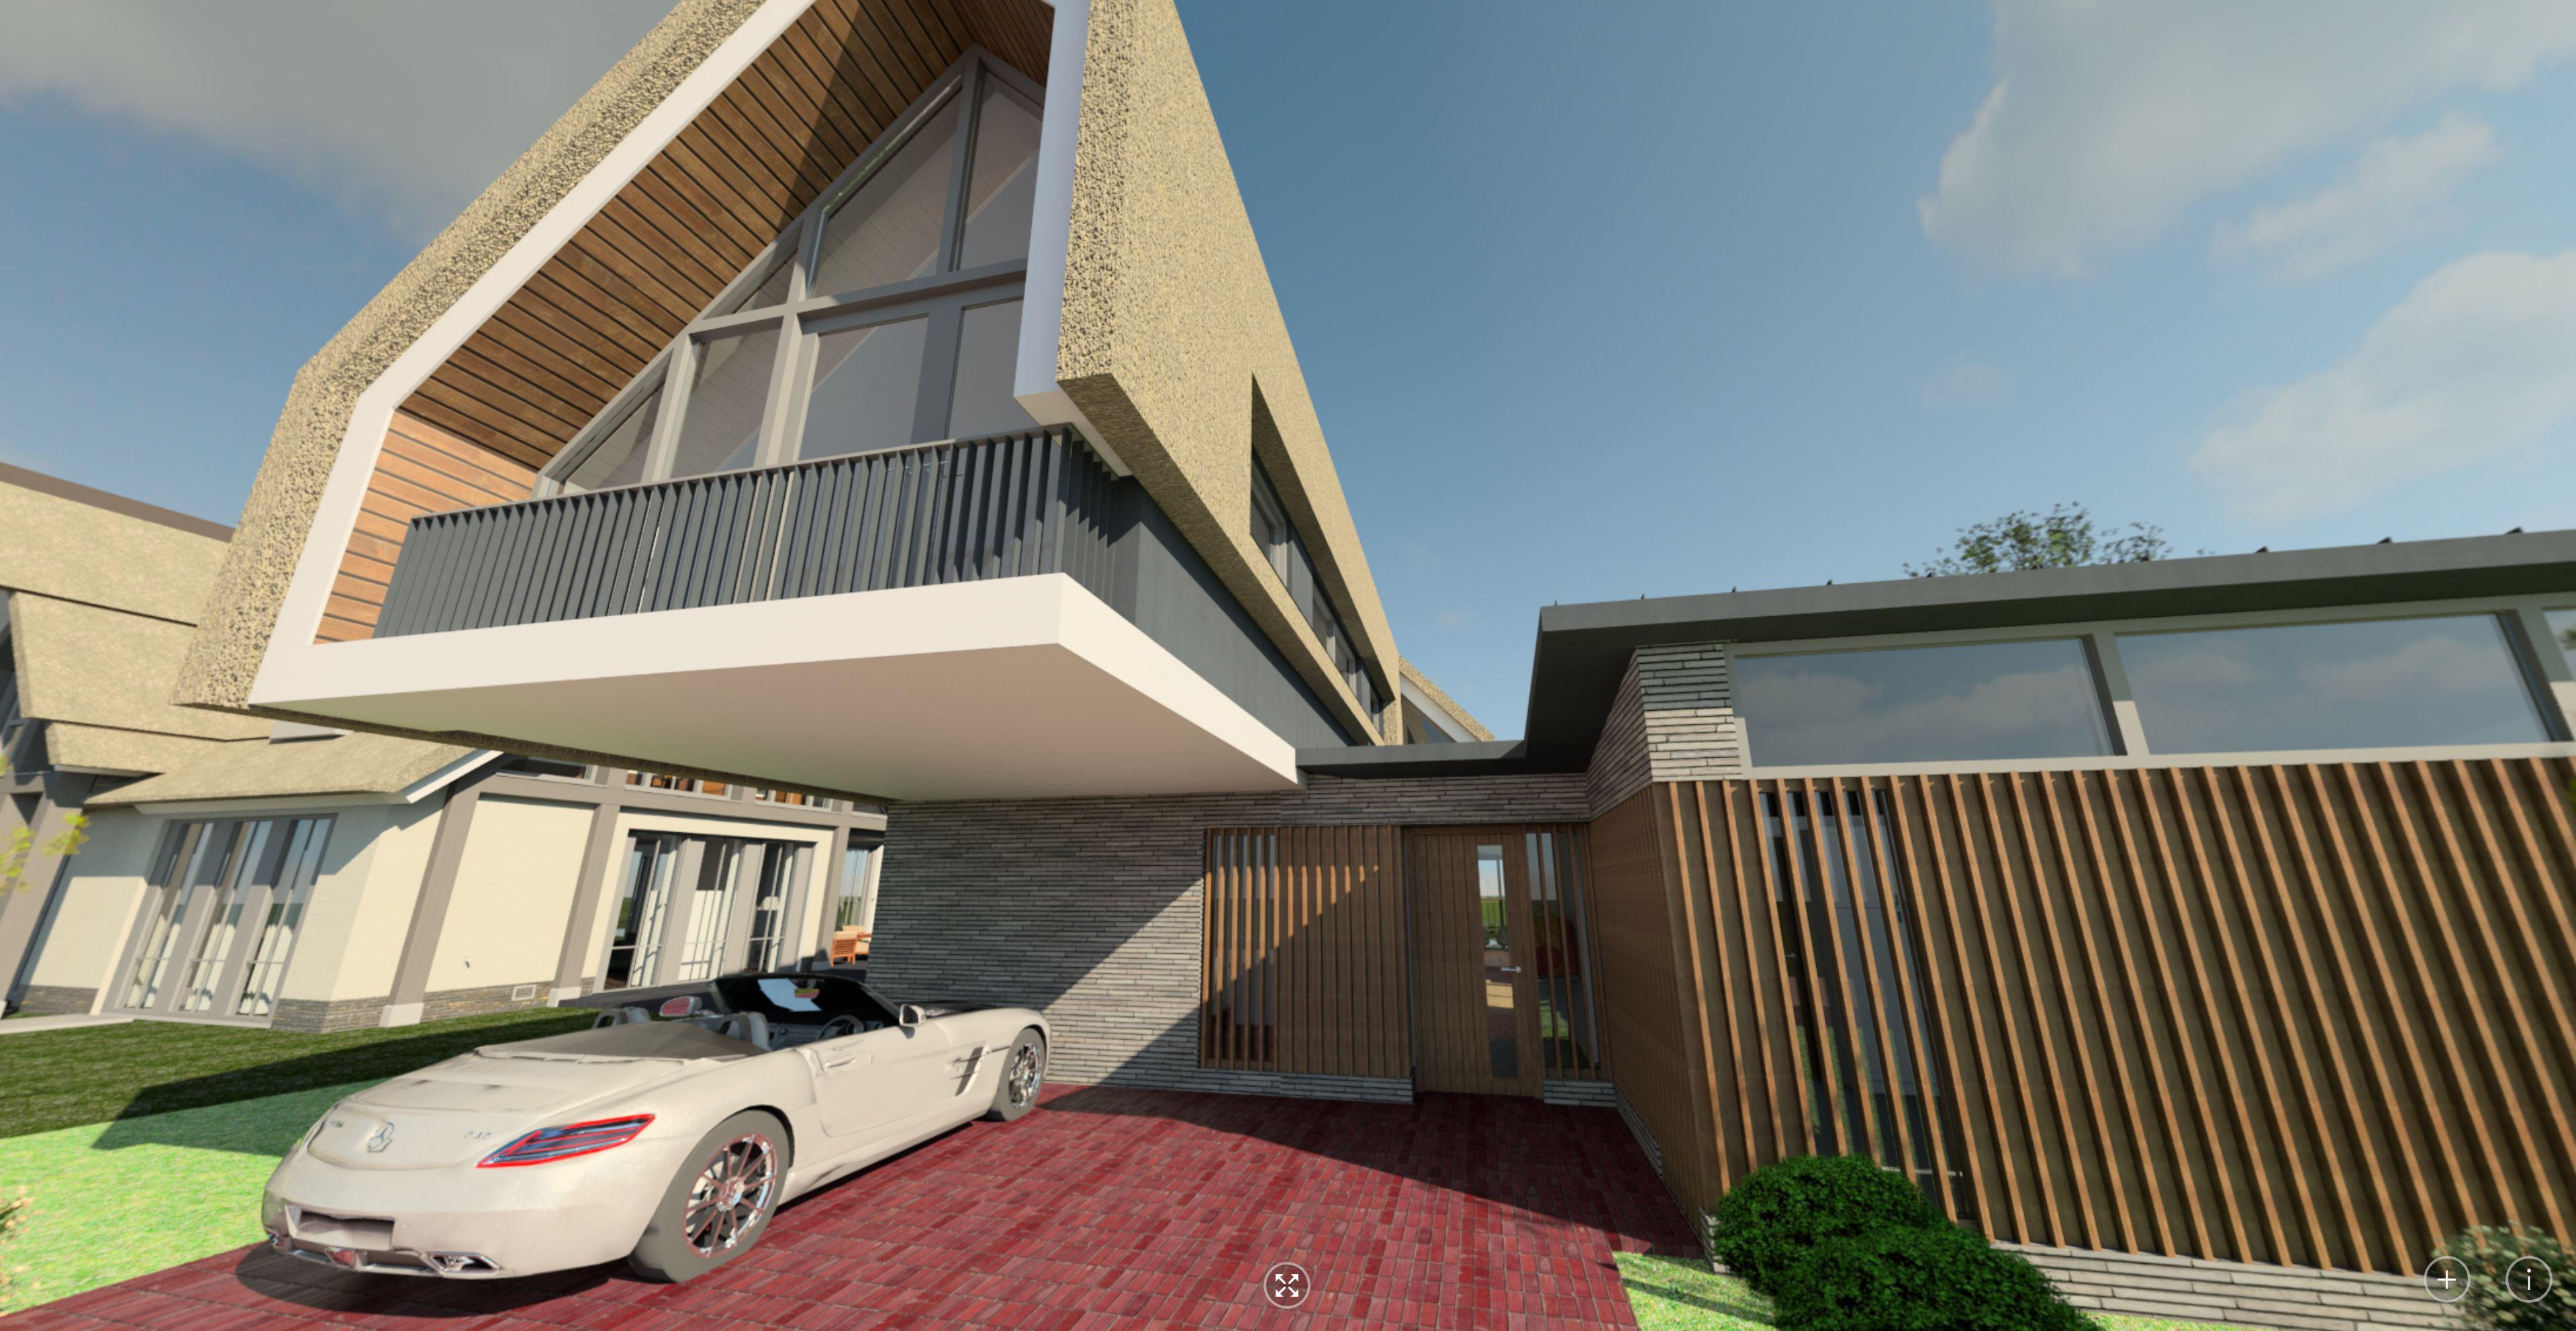 360 voorgevel woonhuis met geïntegreerde carport| Waterfront De Veene